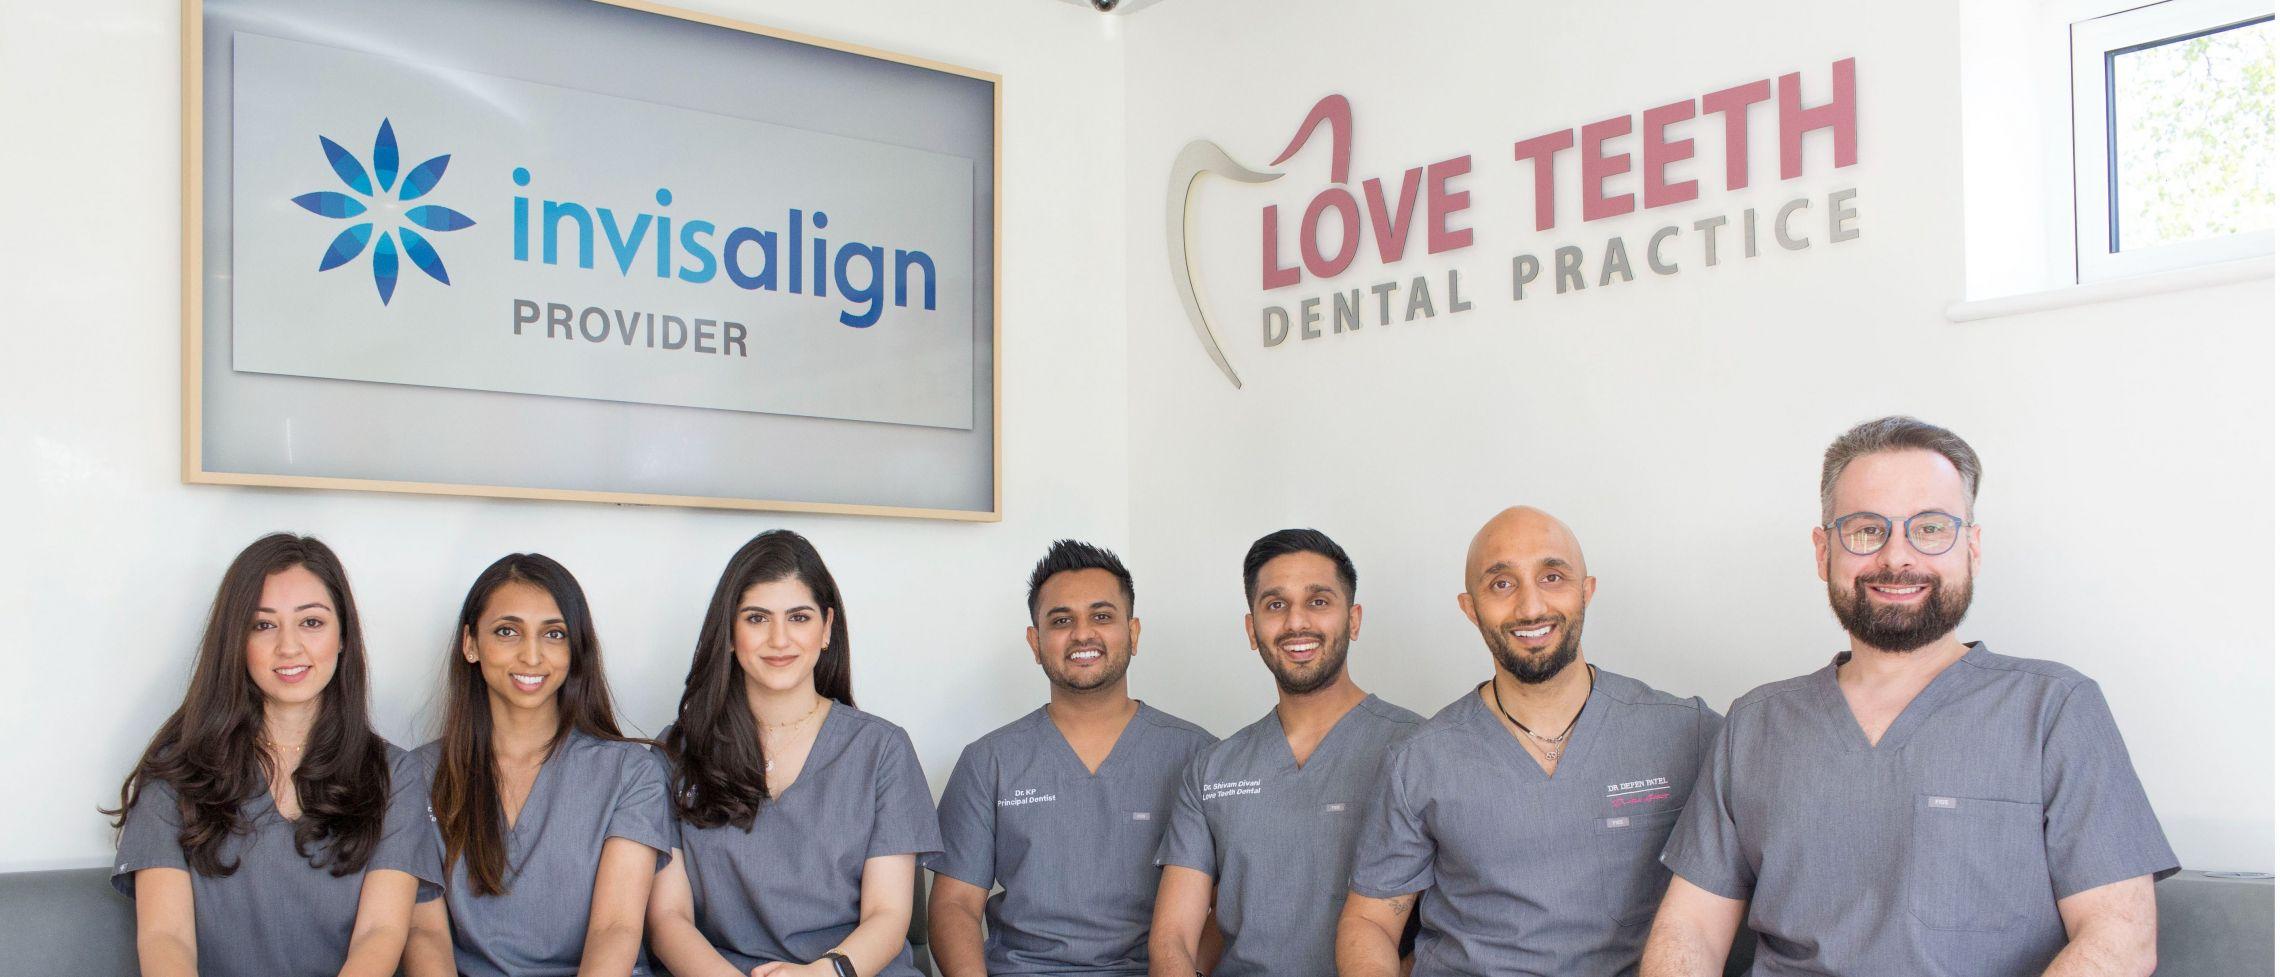 Love Teeth Dental